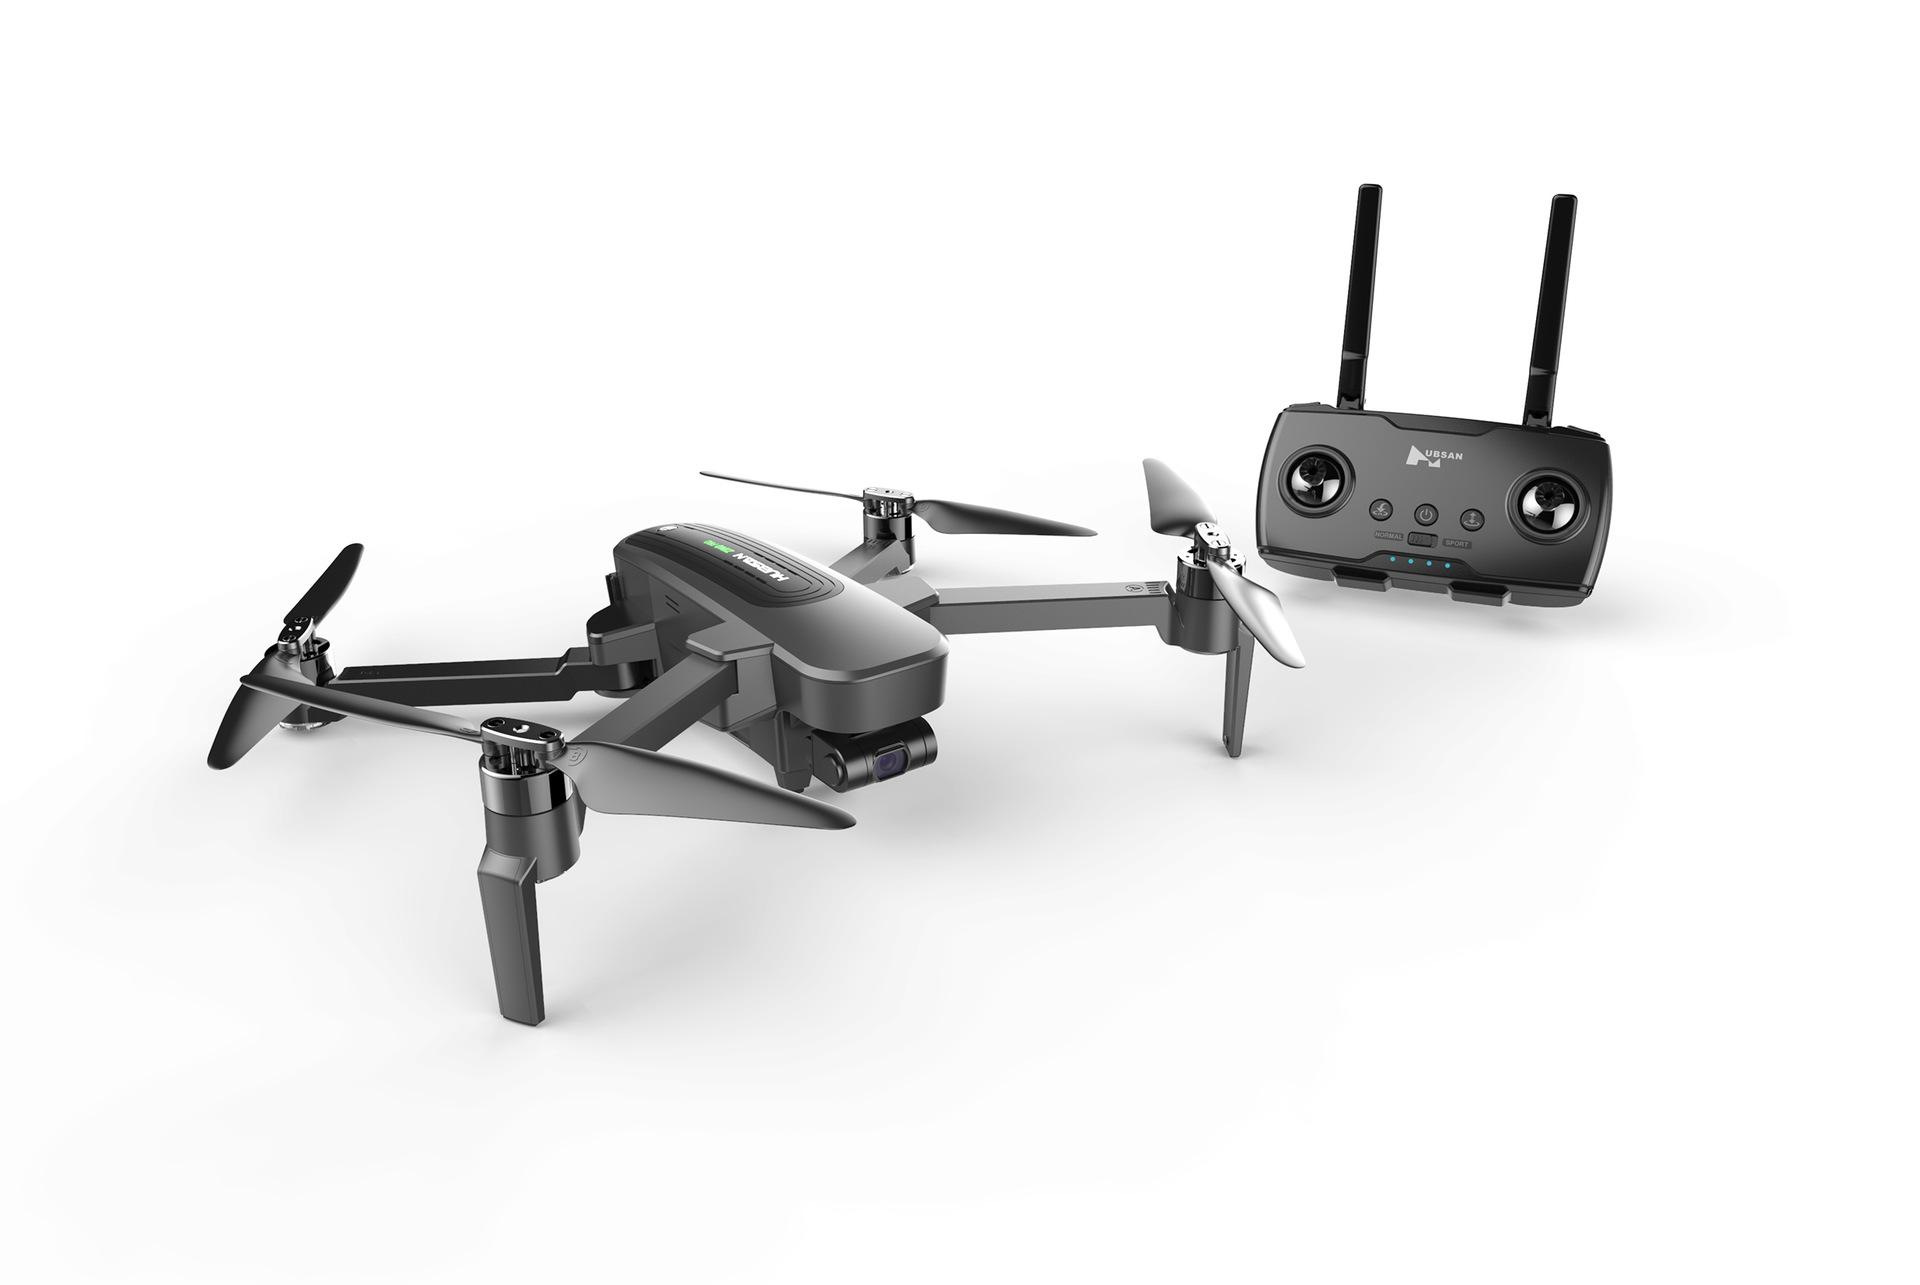 HABOSEN Flycam Zino pro thông minh 4K máy bay không người lái bản đồ đường dài HD trên không dài hạn